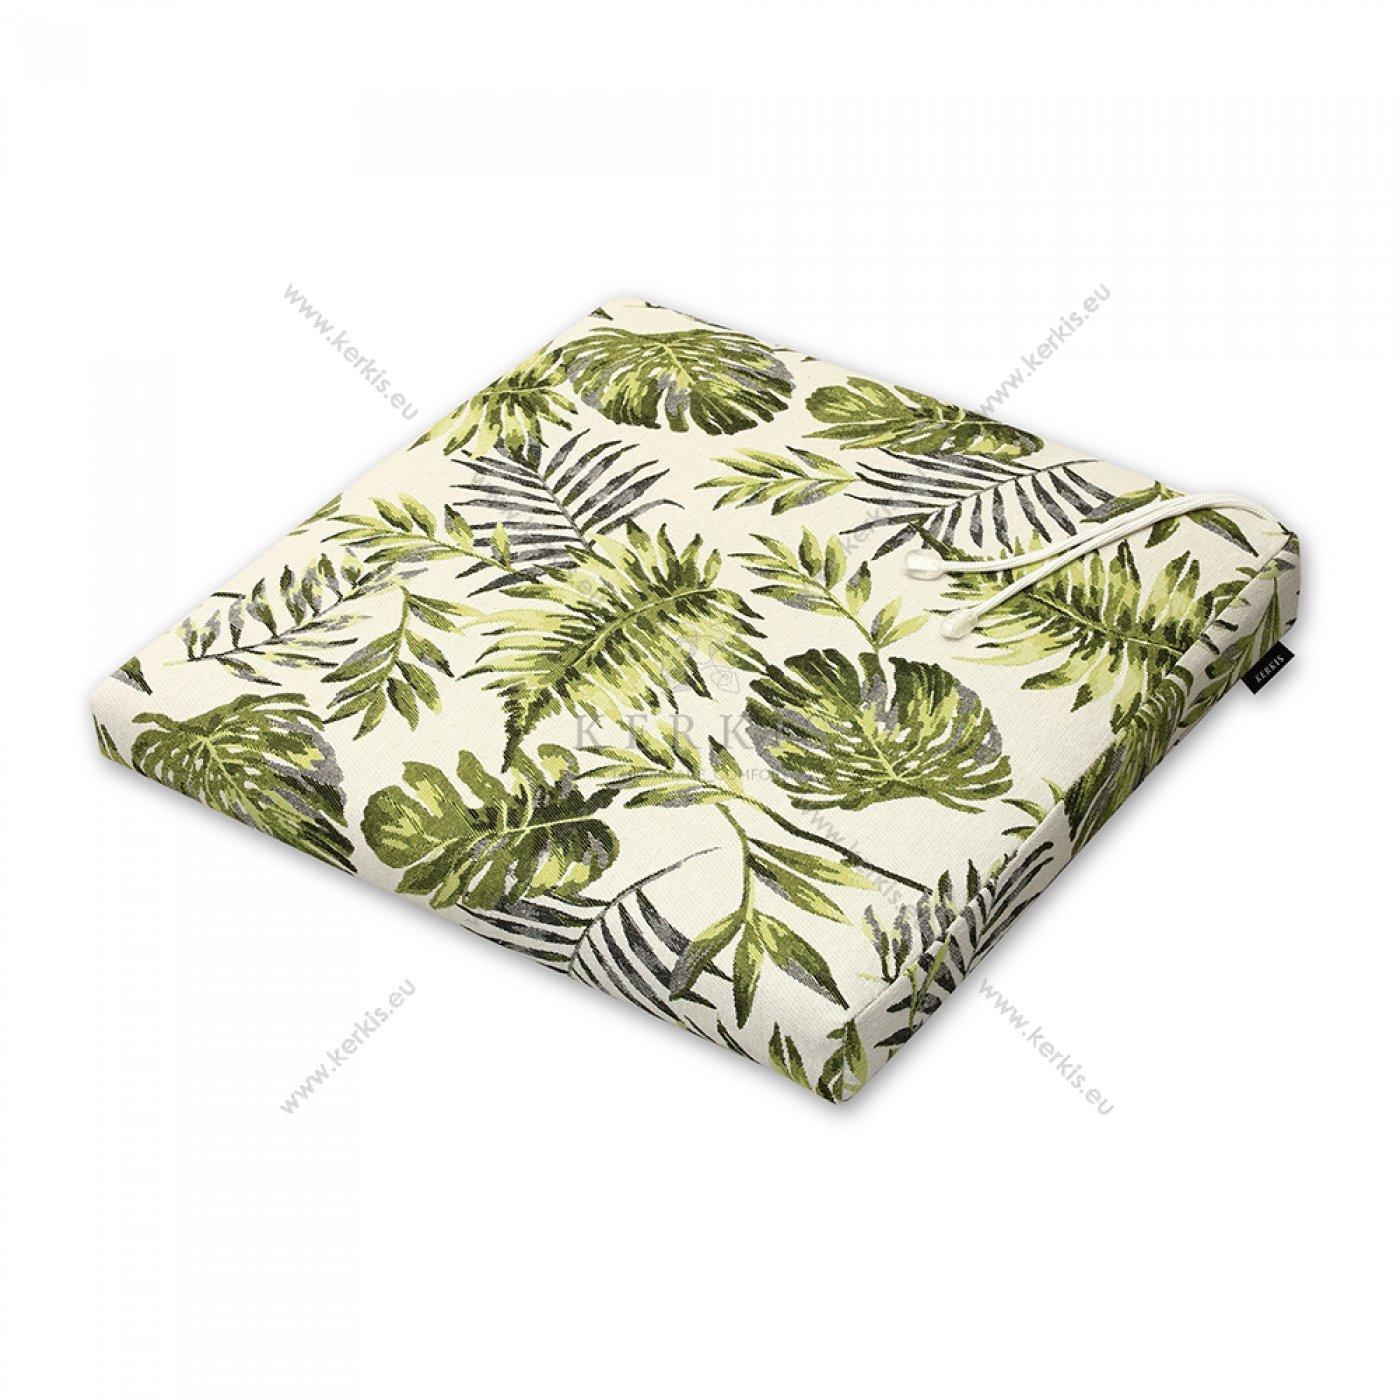 Μαξιλάρι καρέκλας πράσινα φύλλα